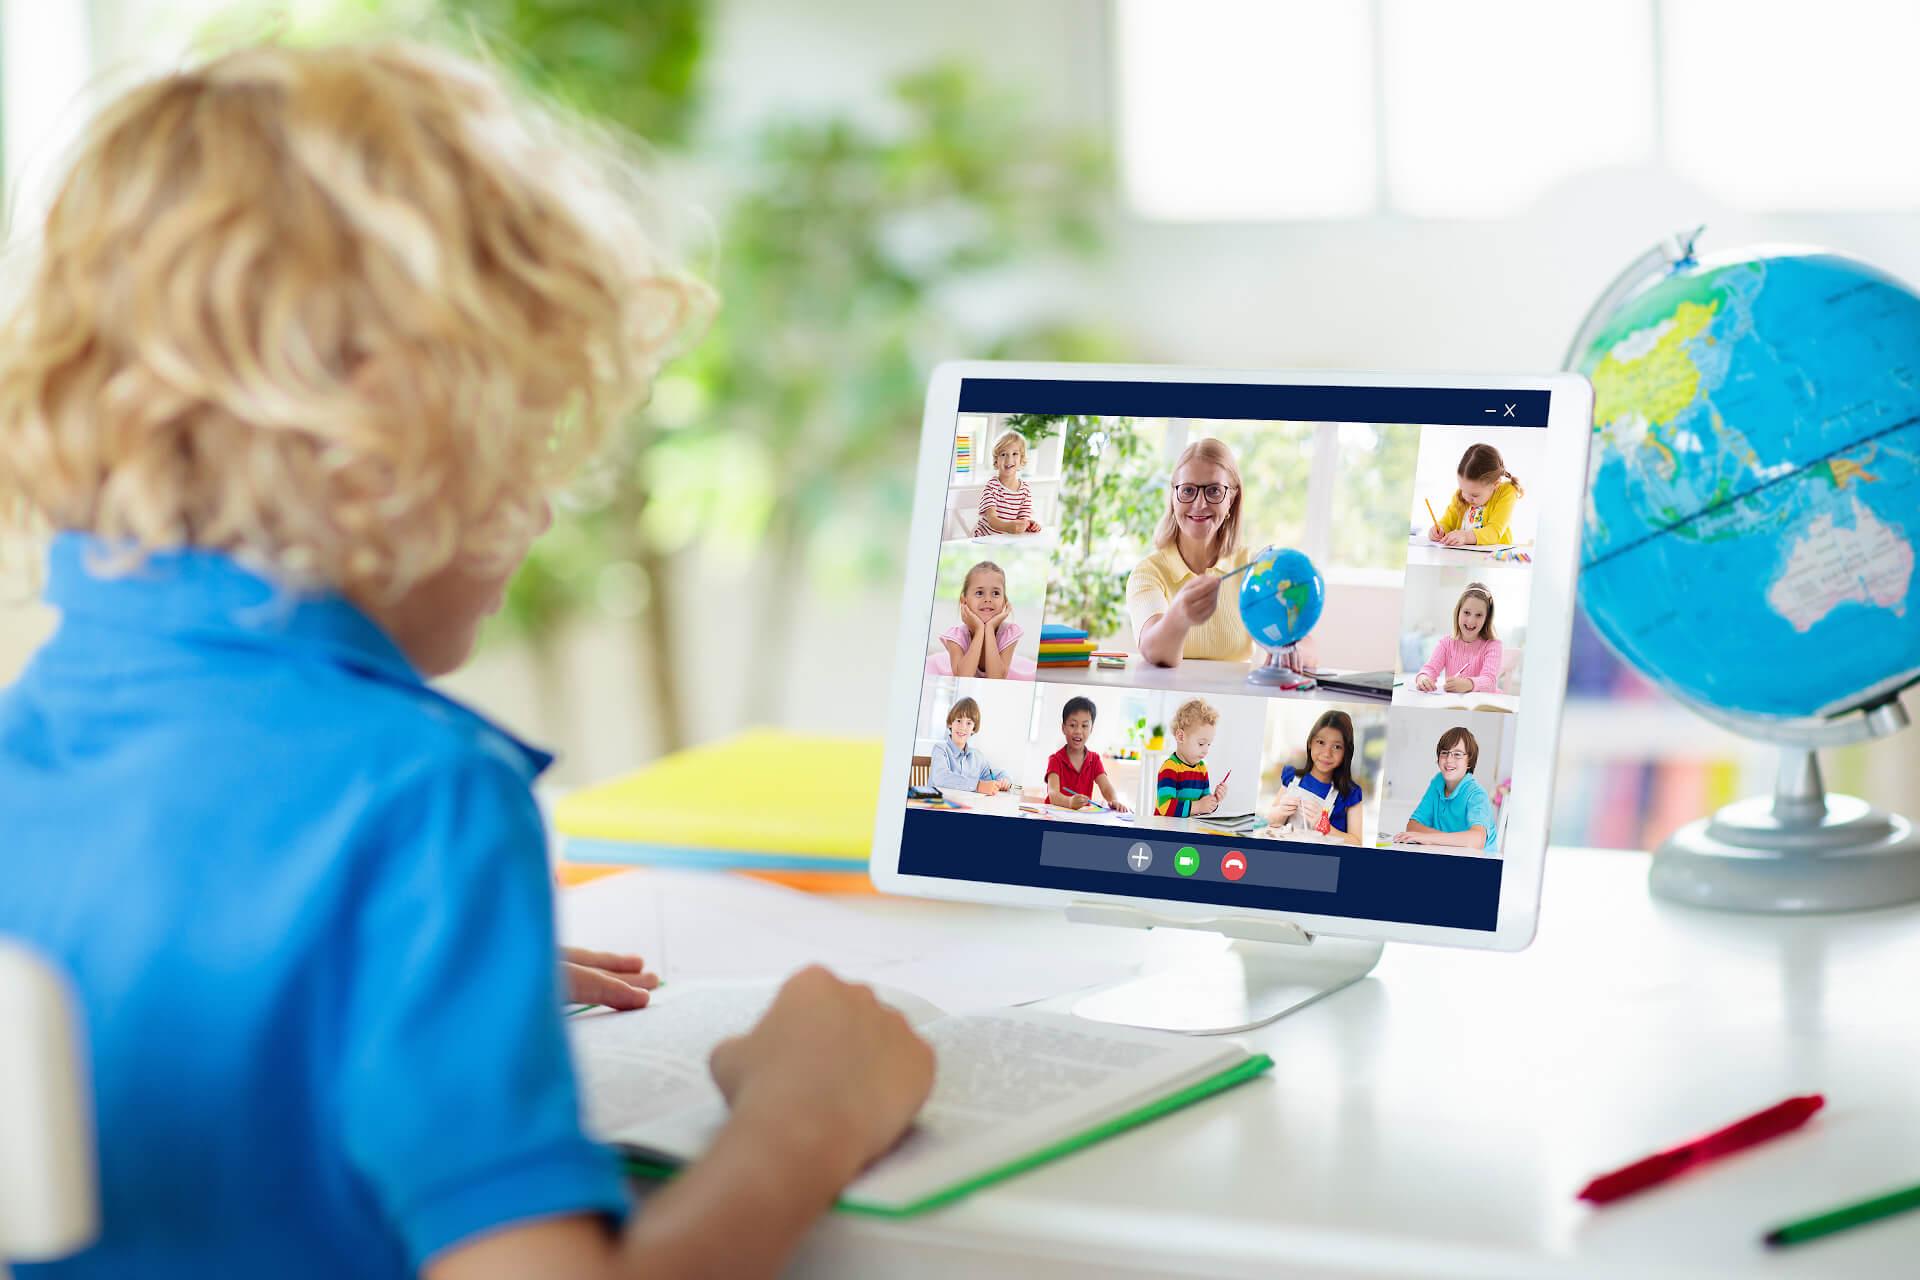 Campamento de verano online para adolescentes y niños